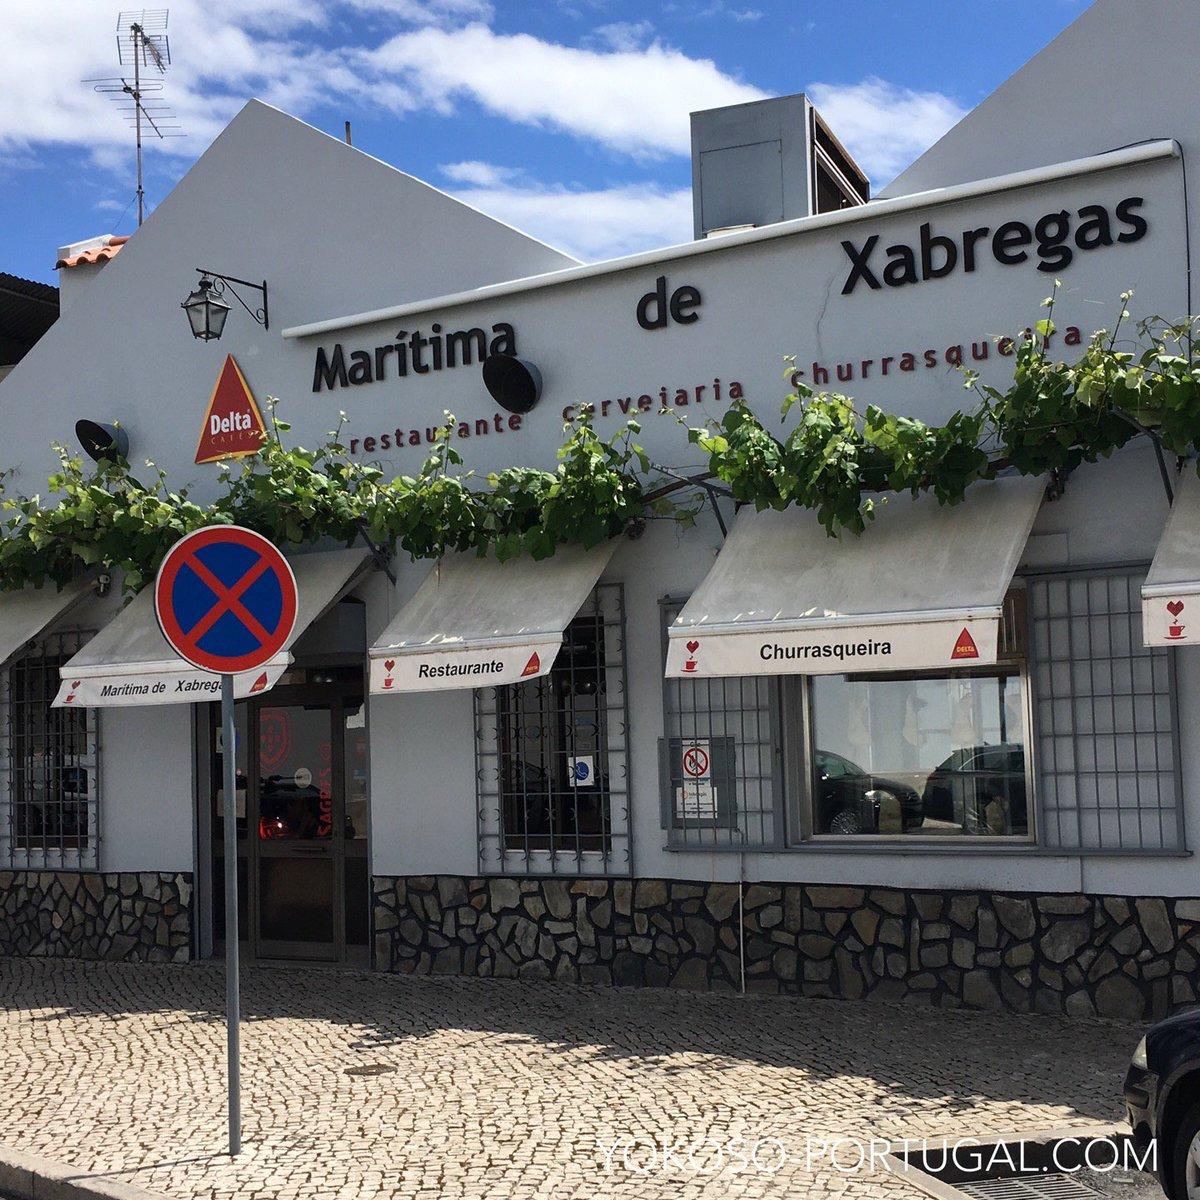 test ツイッターメディア - リスボンで一番美味しいと評判な、ふっくらジューシーなバカリャウ (干し鱈) が食べられるレストラン。アズレージョ博物館近くです。 (@ Marítima de Xabregas) https://t.co/IjQiAQMzUw https://t.co/6ZBBghsttO